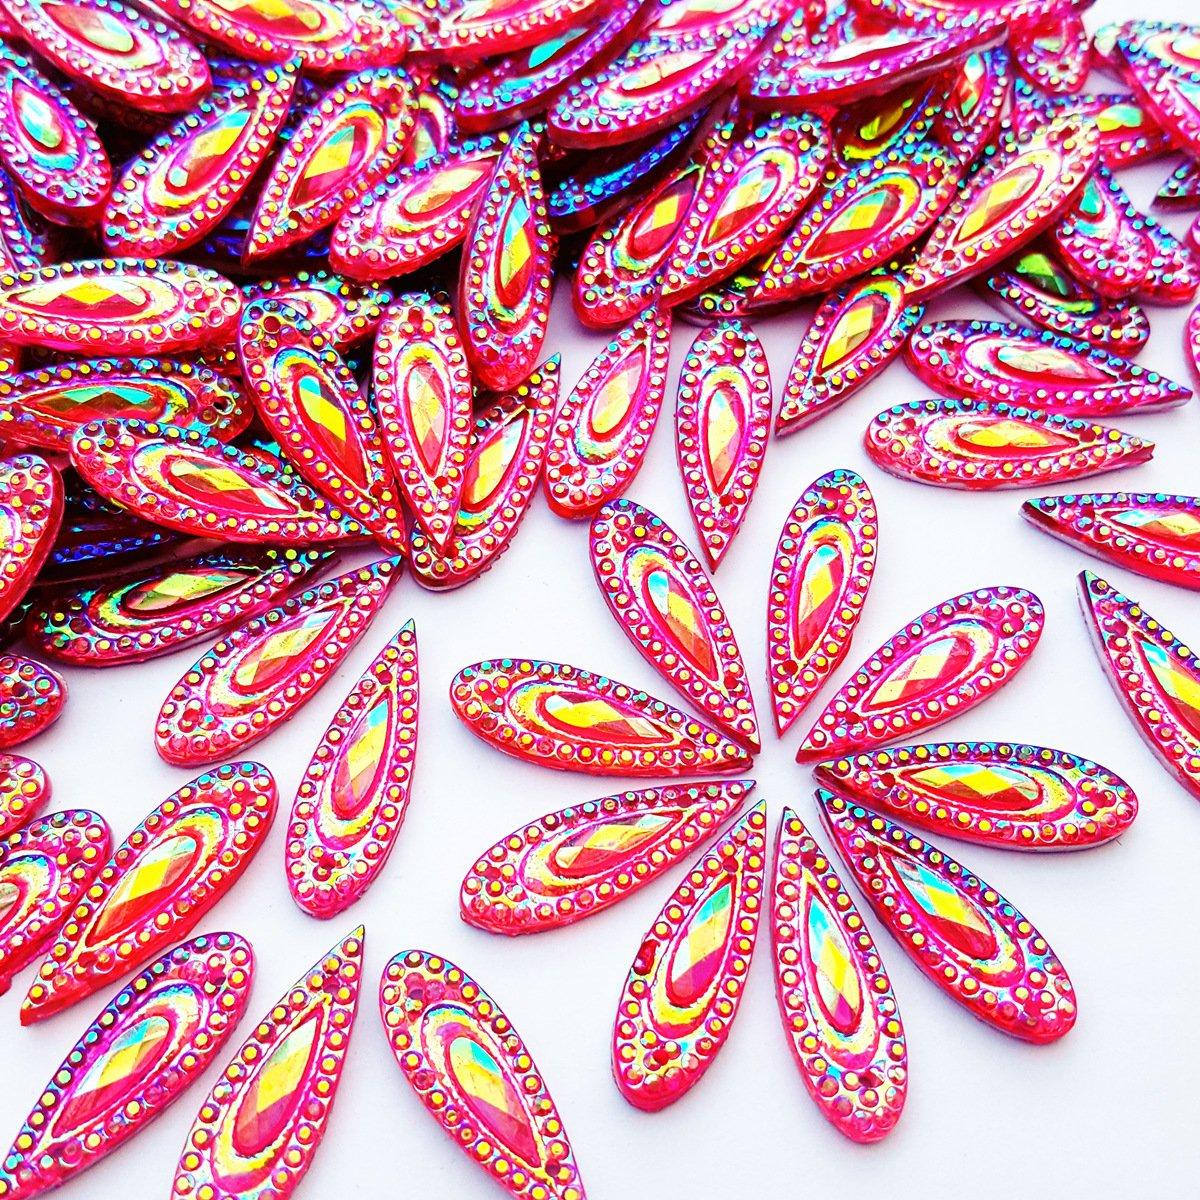 ゴージャスな驚くほどドロップピンクAB Sew onラインストーンFlatbackビーズストーン裁縫ウェディングドレス用デコレーション2穴7 x 21 mm 100個 B075KM6BZS